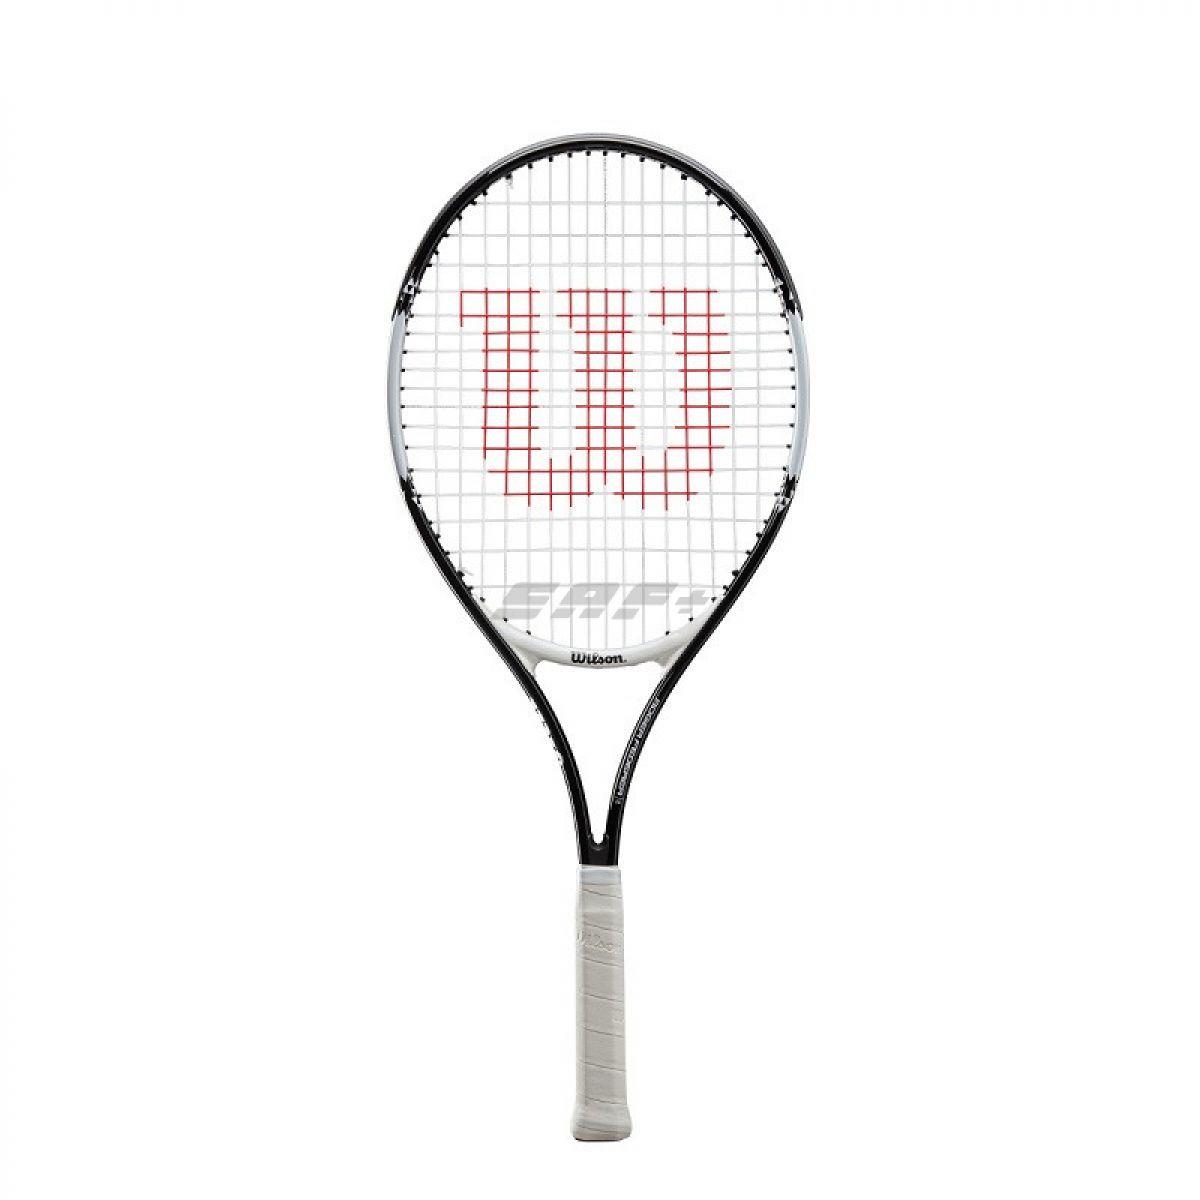 Ракетка теннисная Ракетка б/т Wilson Roger Federer 25 Gr00,арт.WR028310U, для 9-10 лет, алюм.,со струн,черно-белый